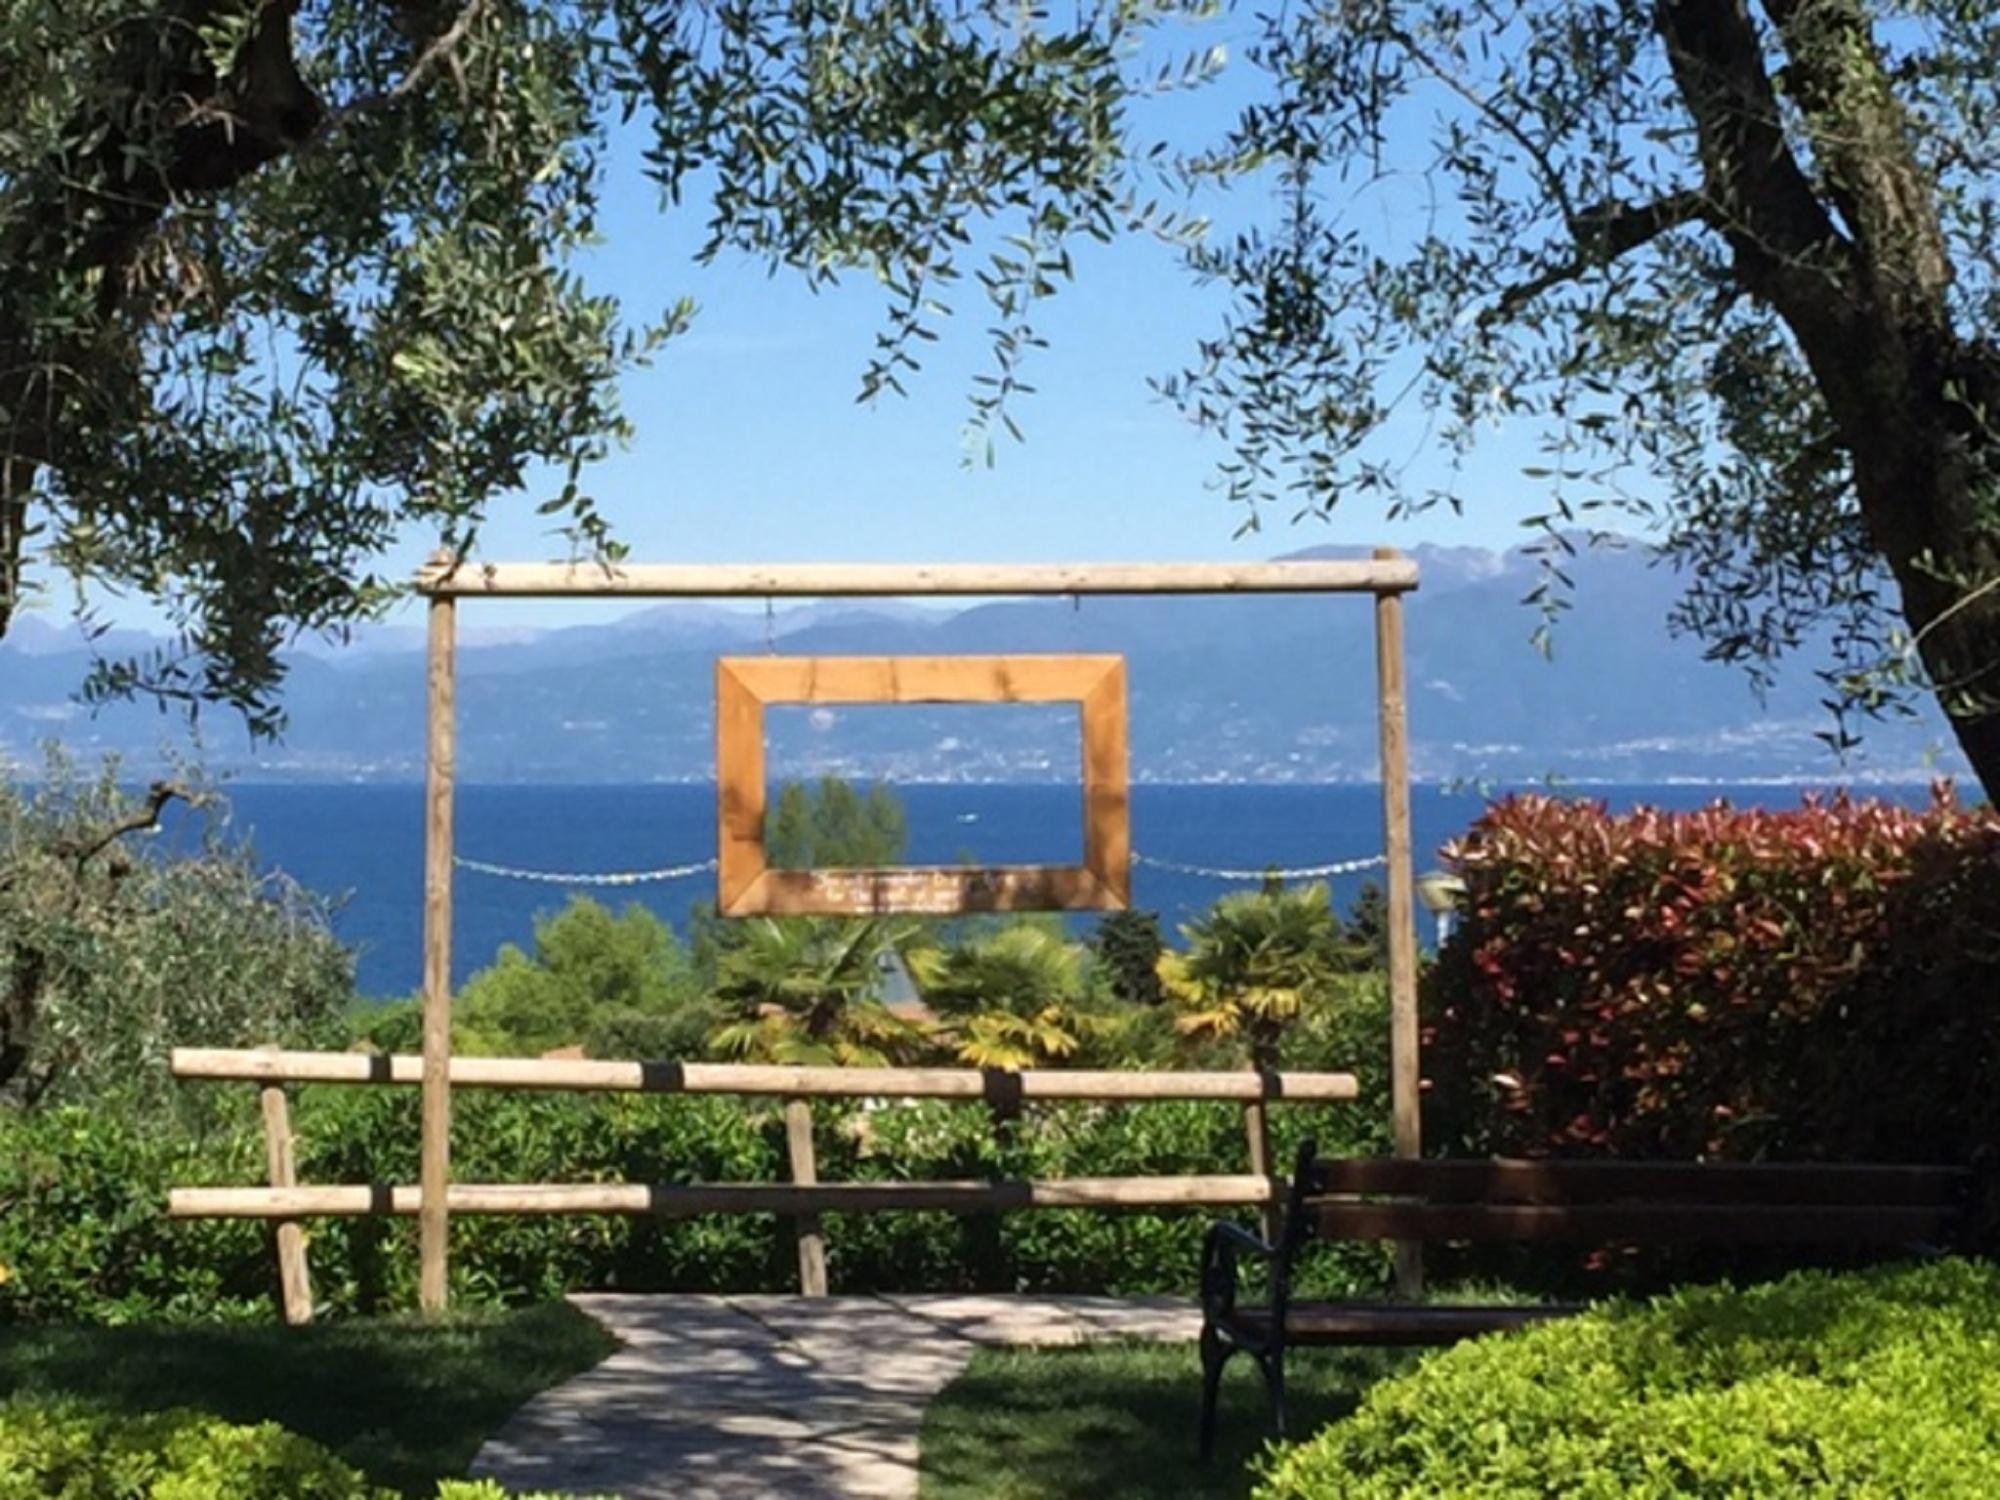 Piani di clodia holiday park lazise verona view all for Piani di palazzi di 2 piani